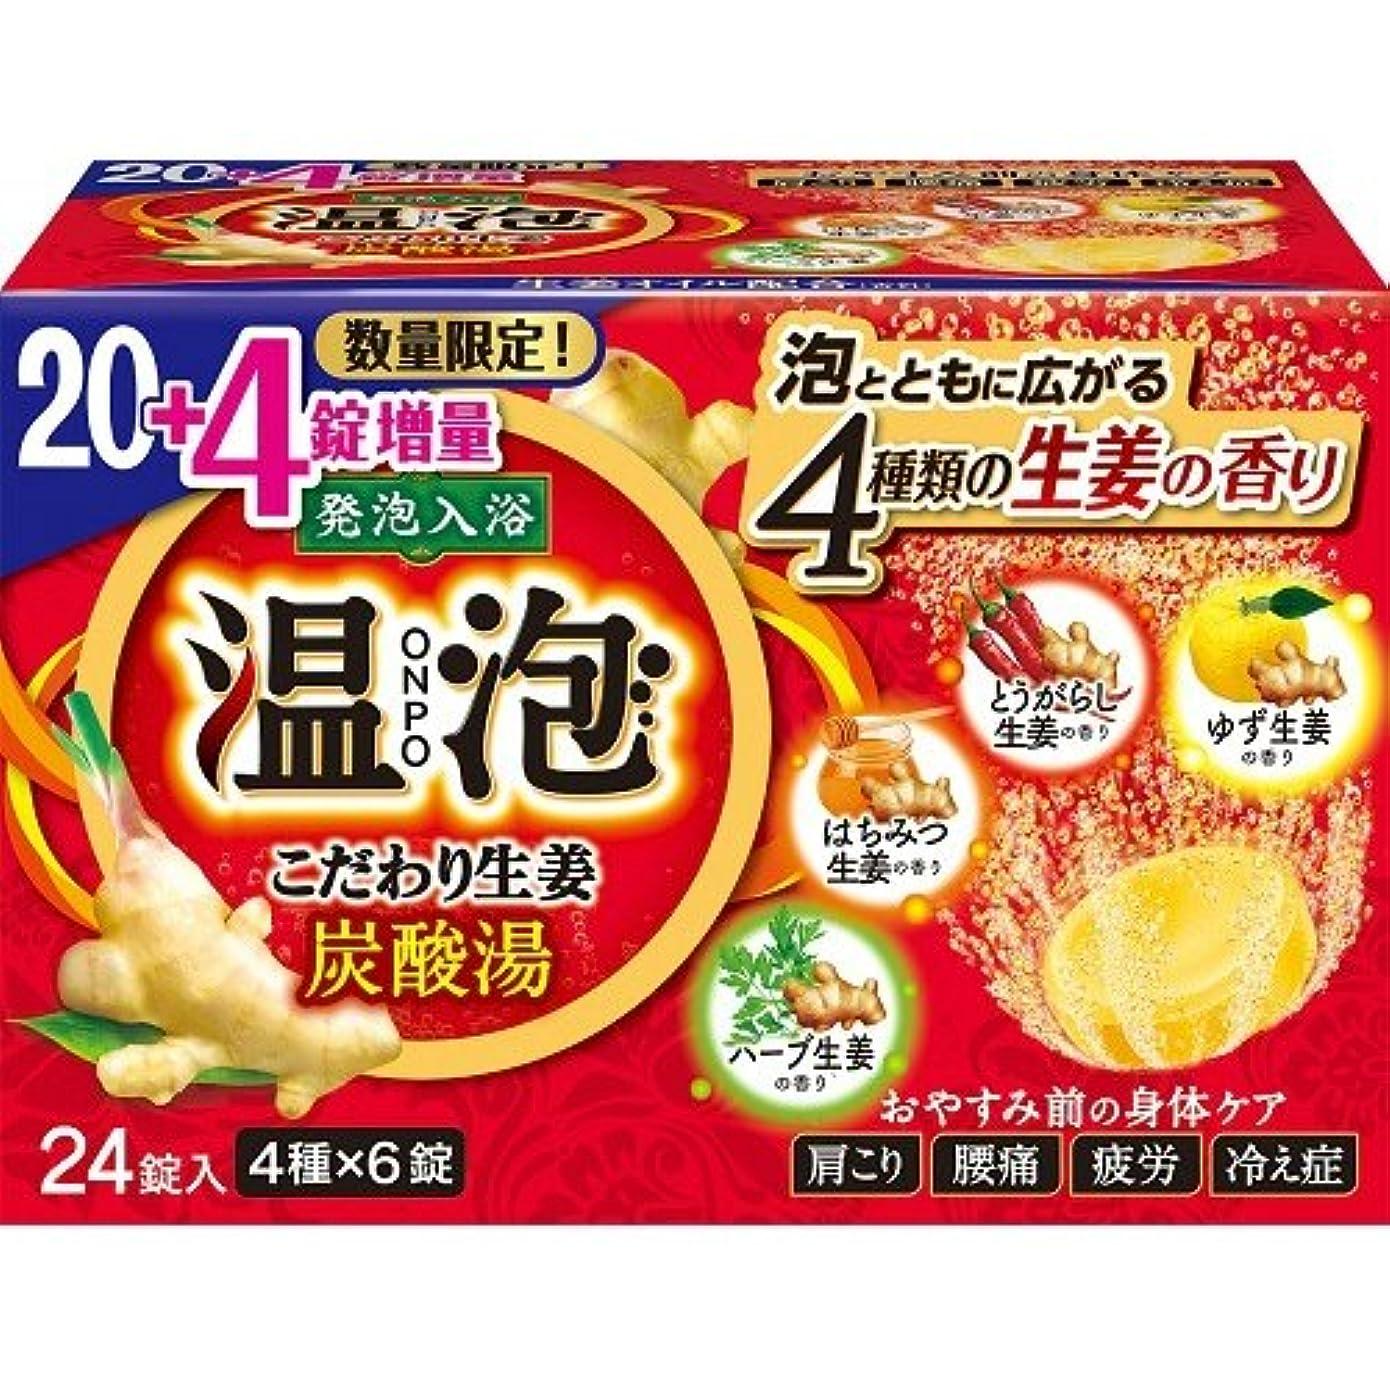 日食流暢努力する温泡こだわり生姜炭酸湯24錠